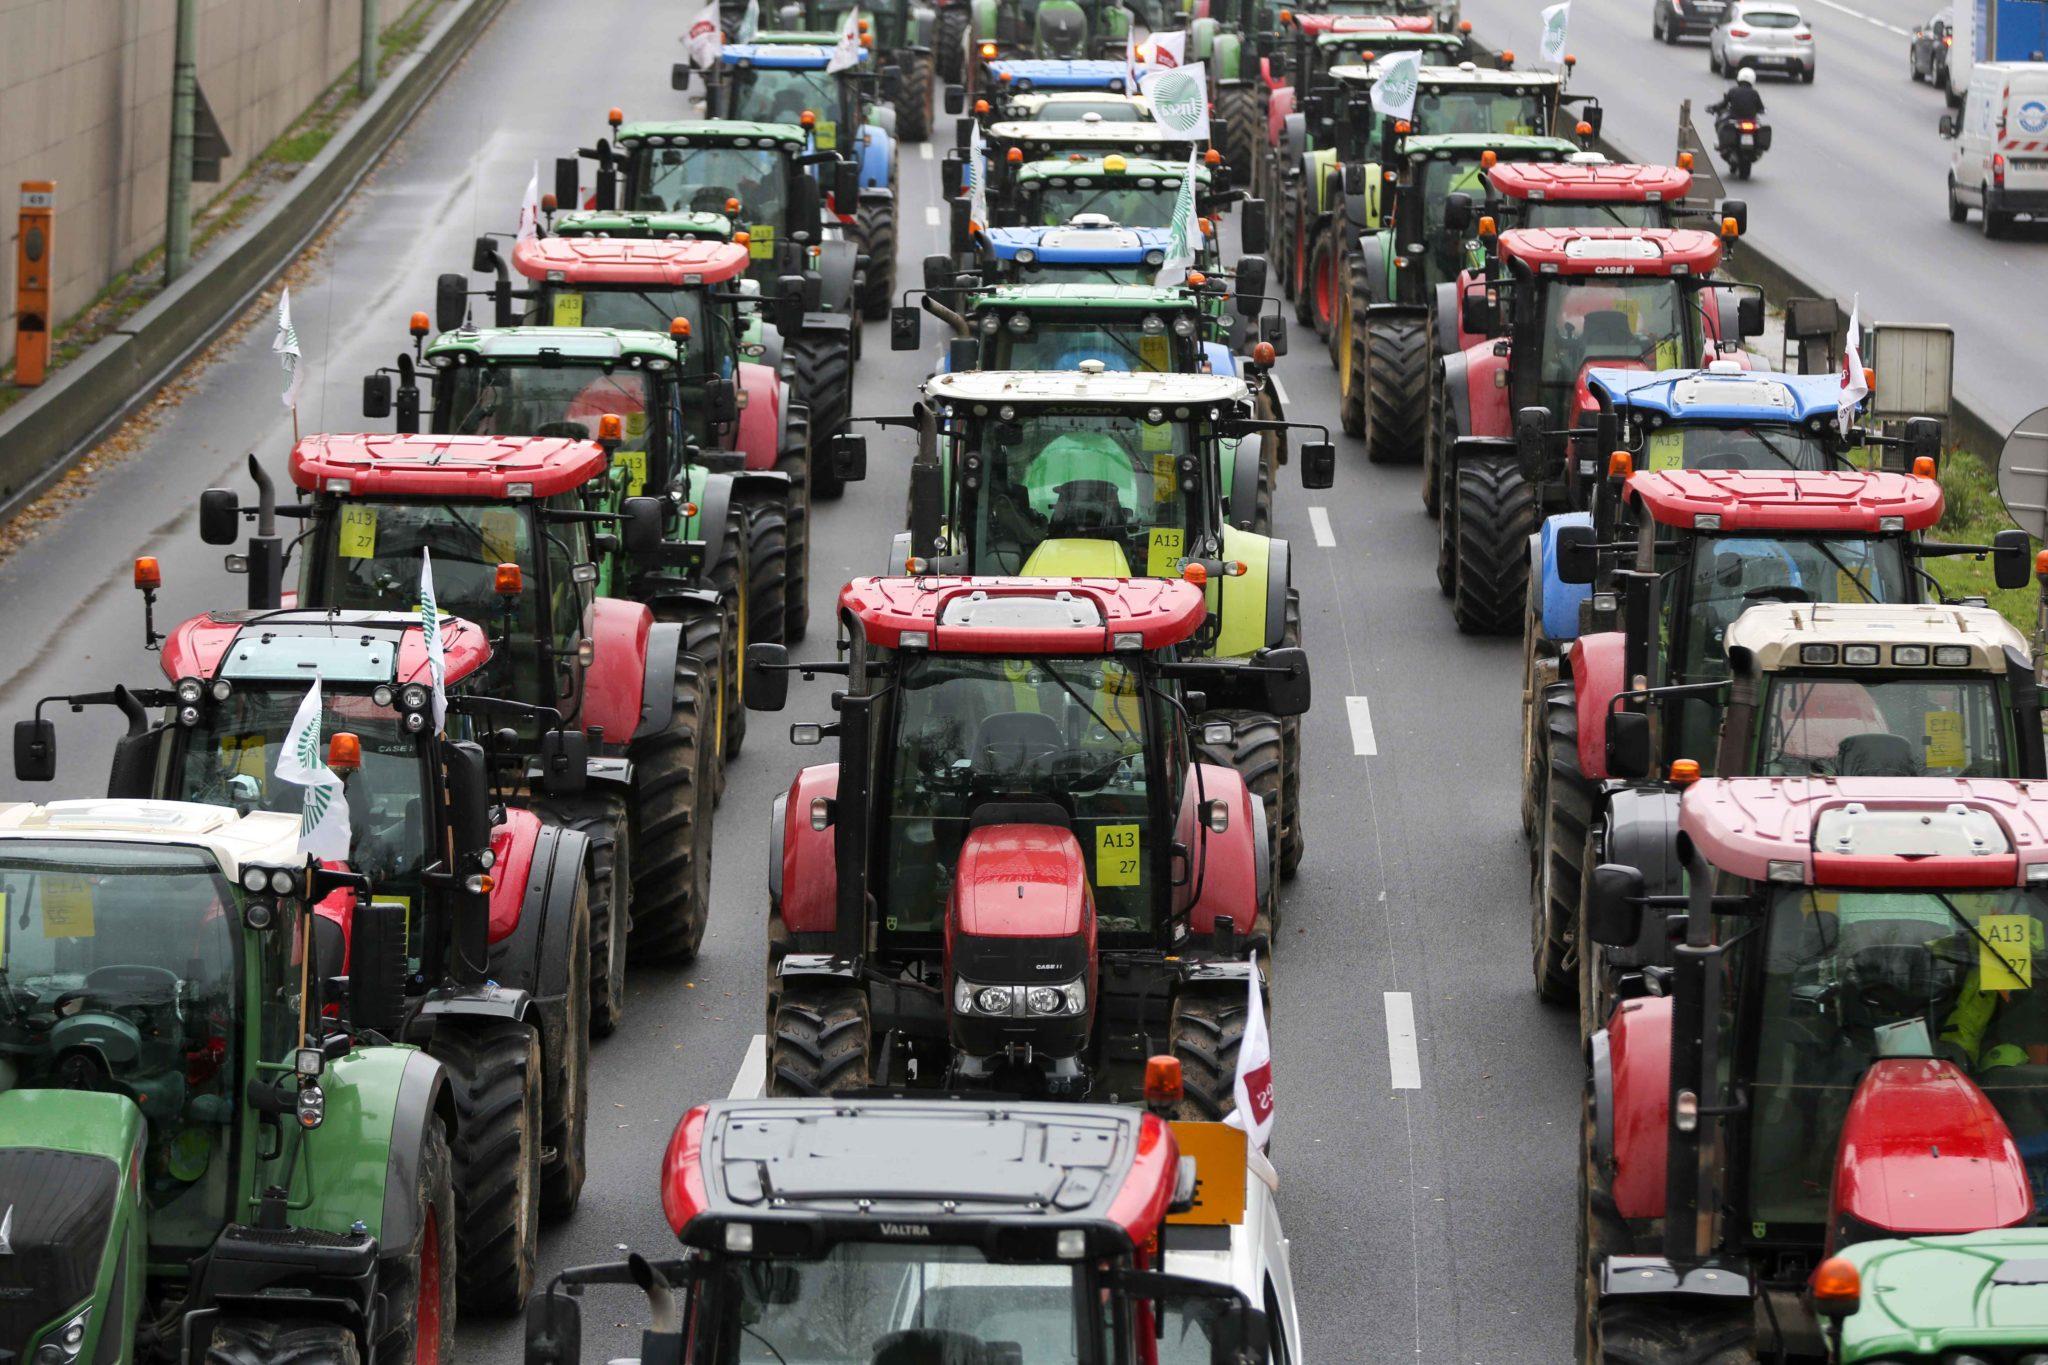 Les agriculteurs conduisent leurs tracteurs sur le périphérique parisien. © Michel Stoupak. Mer 27.11.2019, 11:52:33.